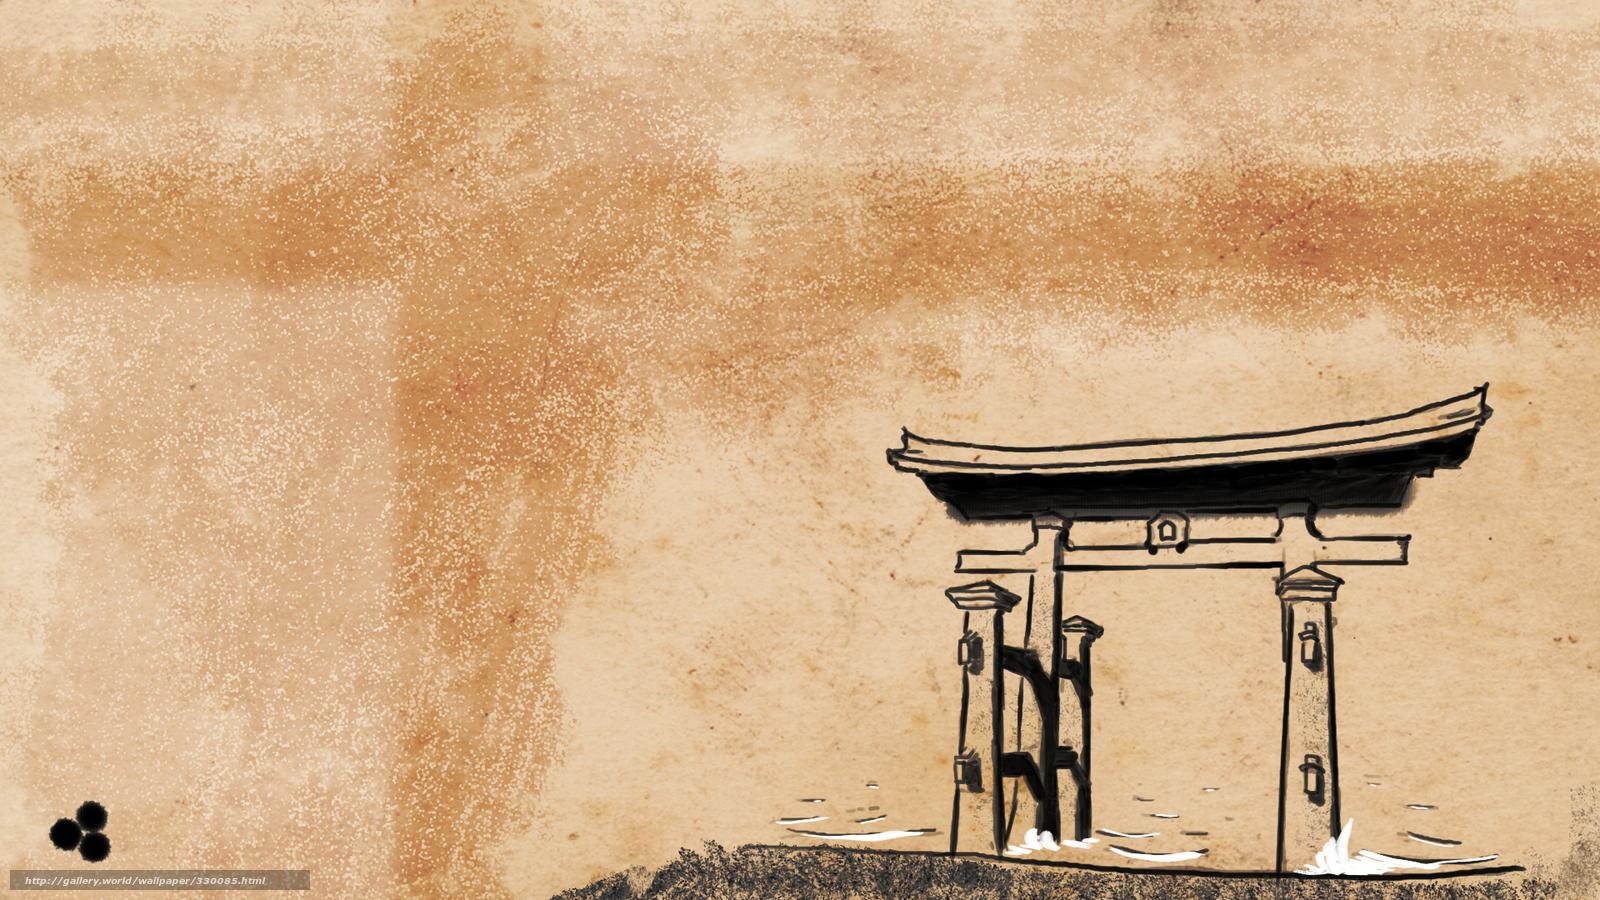 tlcharger fond d 39 ecran torii shintosme japon de style japonais fonds d 39 ecran gratuits pour. Black Bedroom Furniture Sets. Home Design Ideas